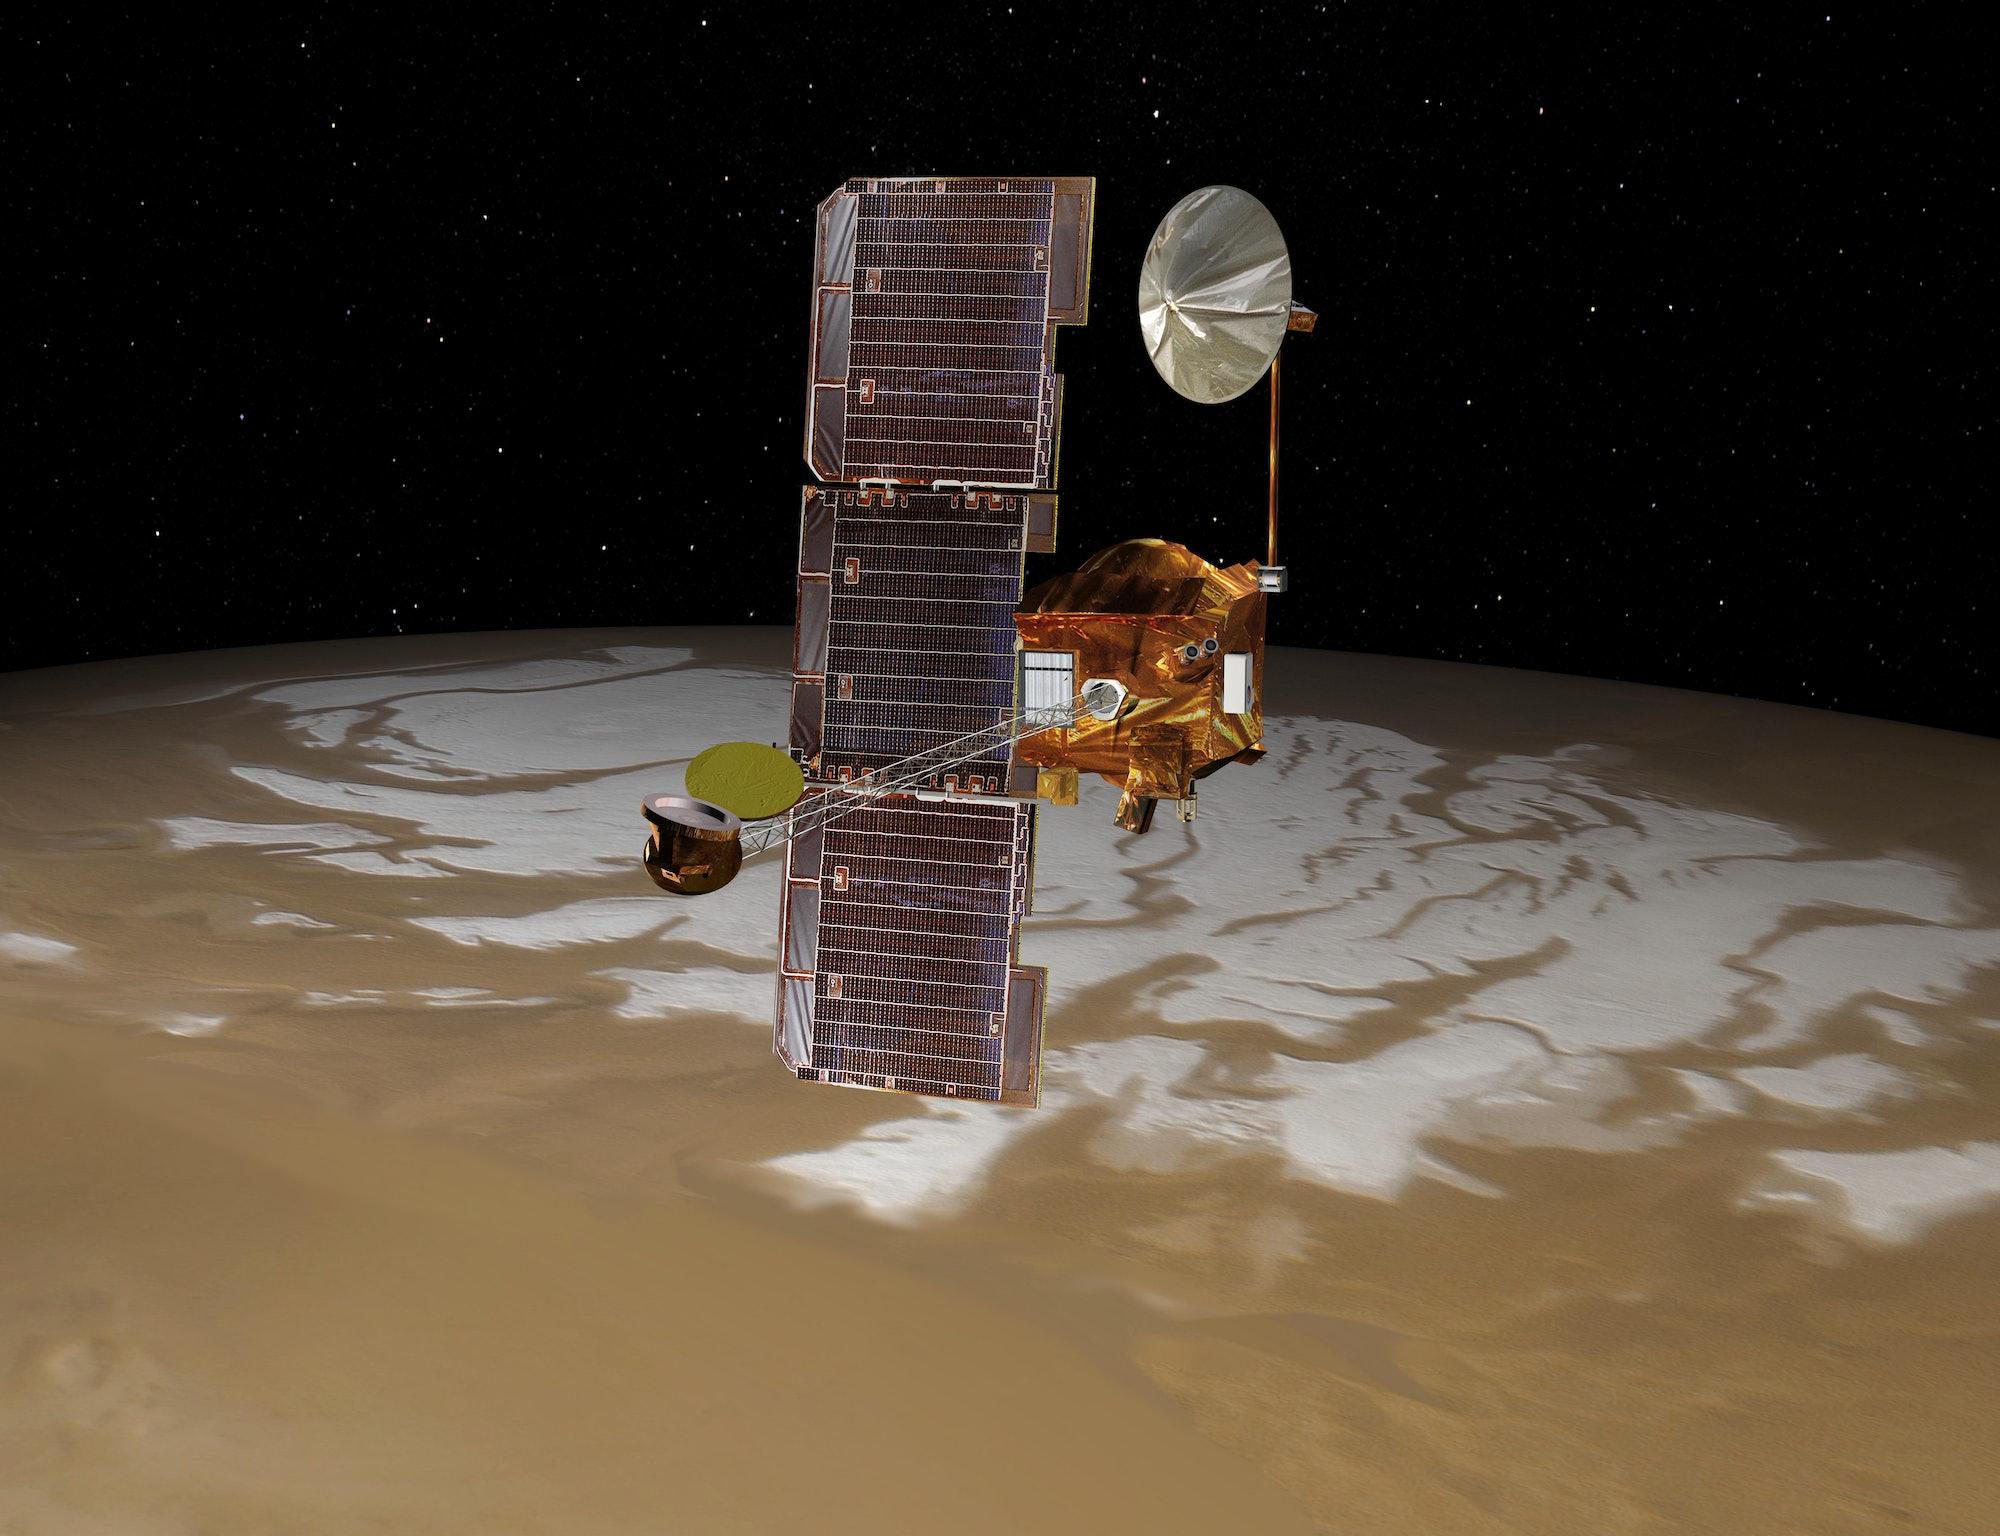 NASA Mars Odyssey